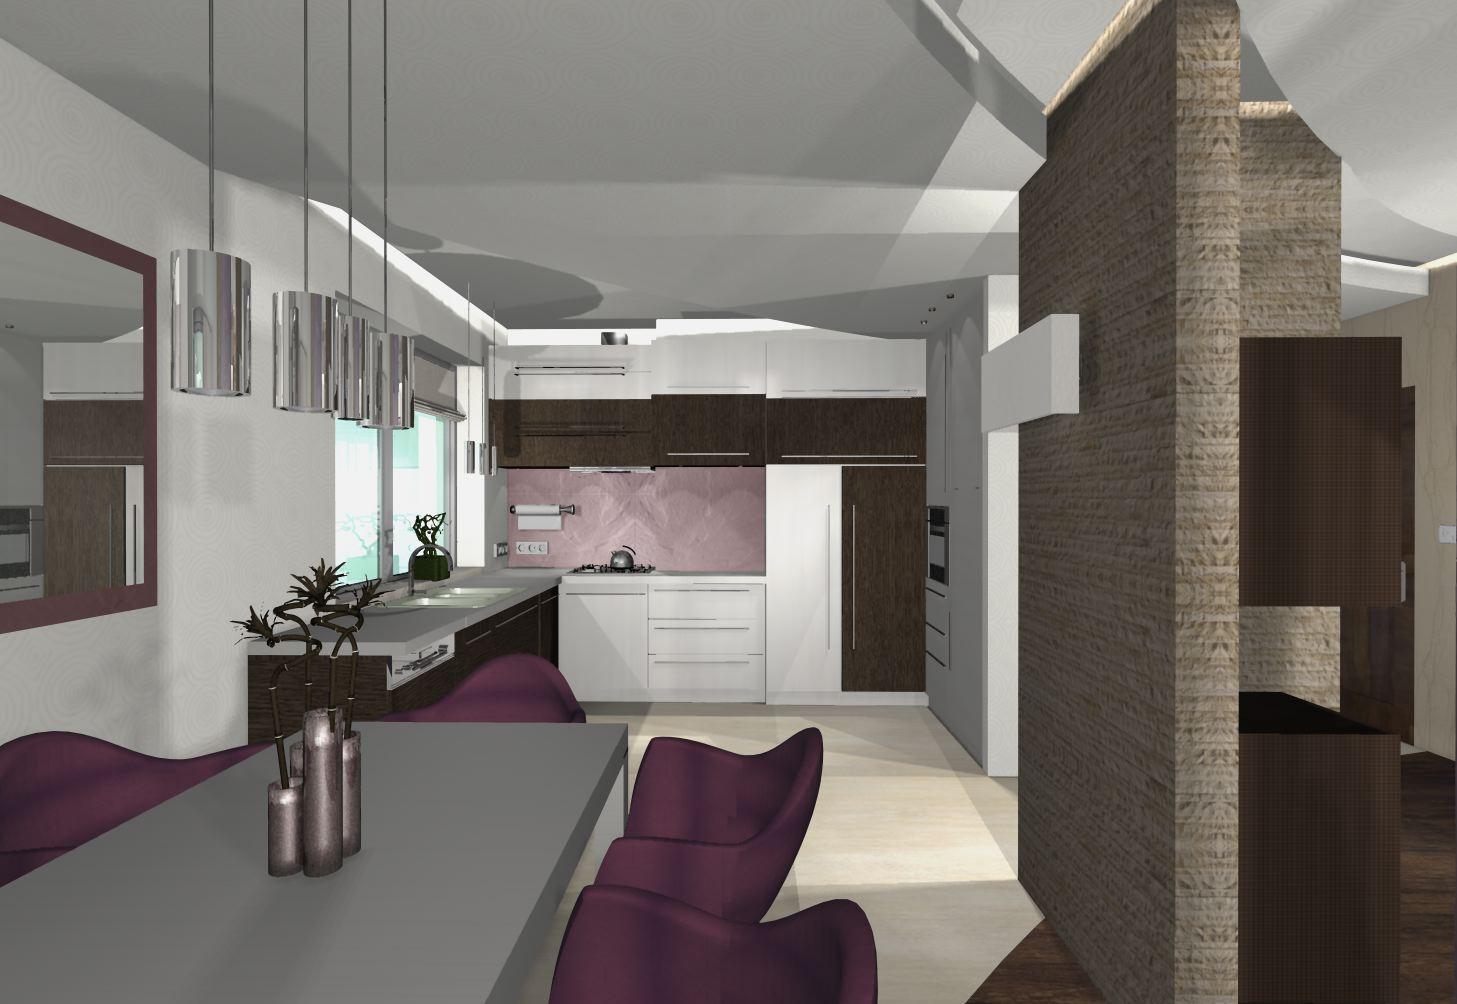 kuchnia w fiolecie